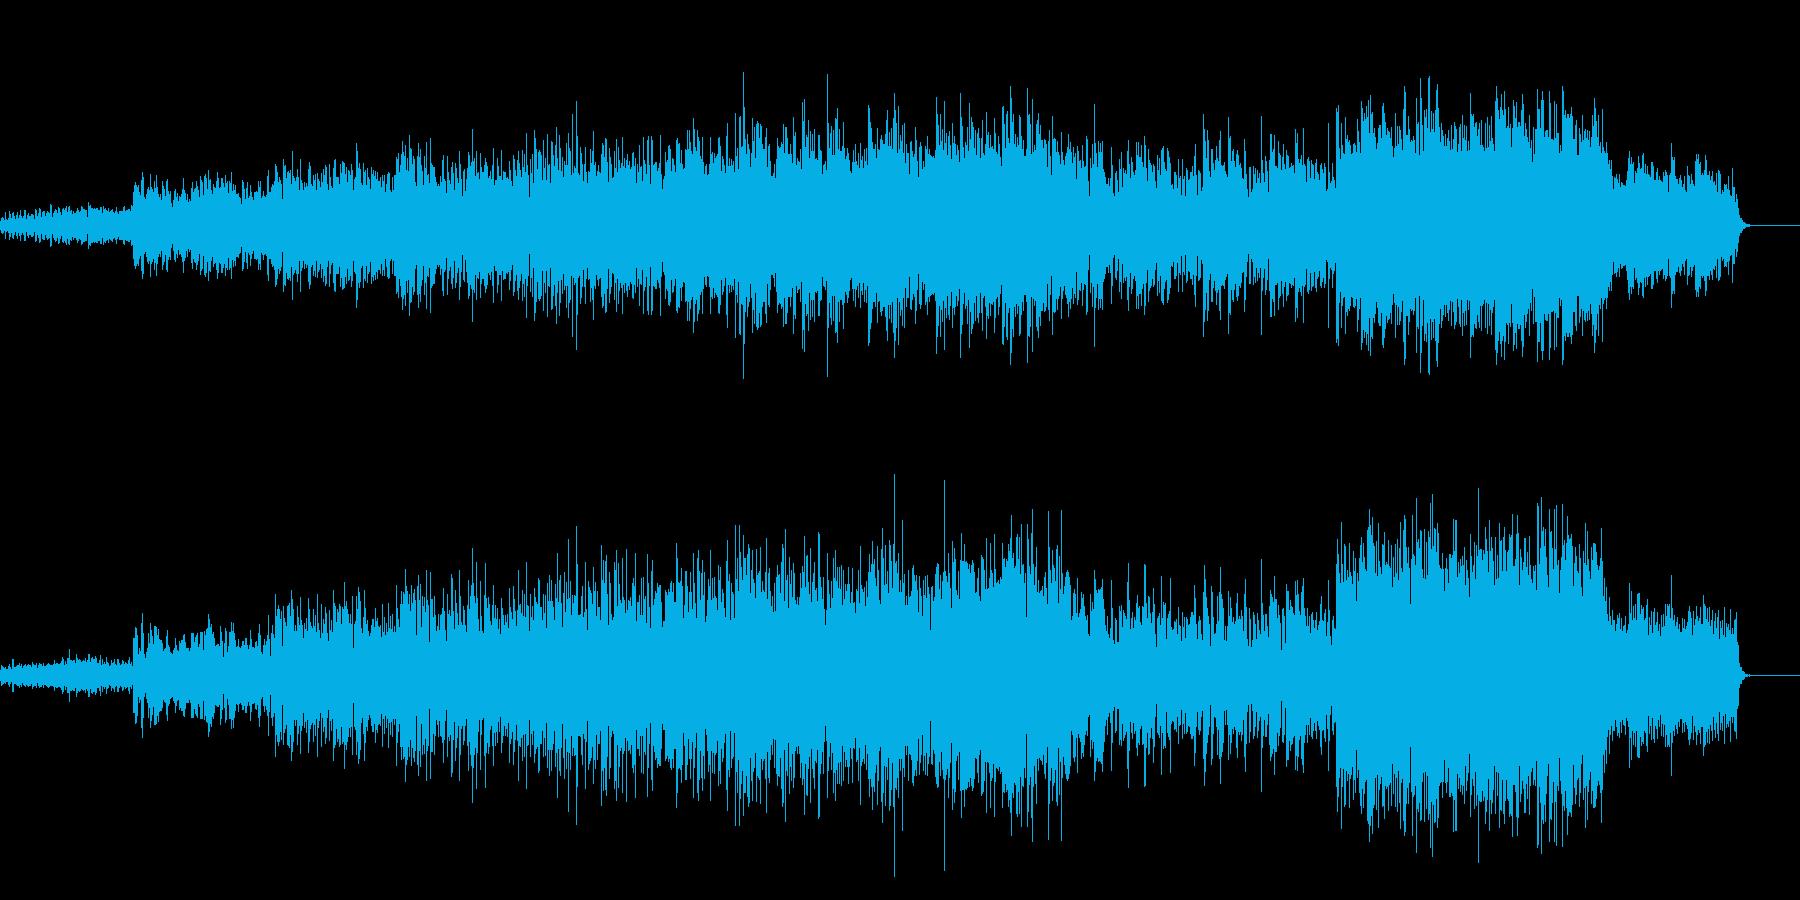 エレキギターと希望感のあるBGMの再生済みの波形